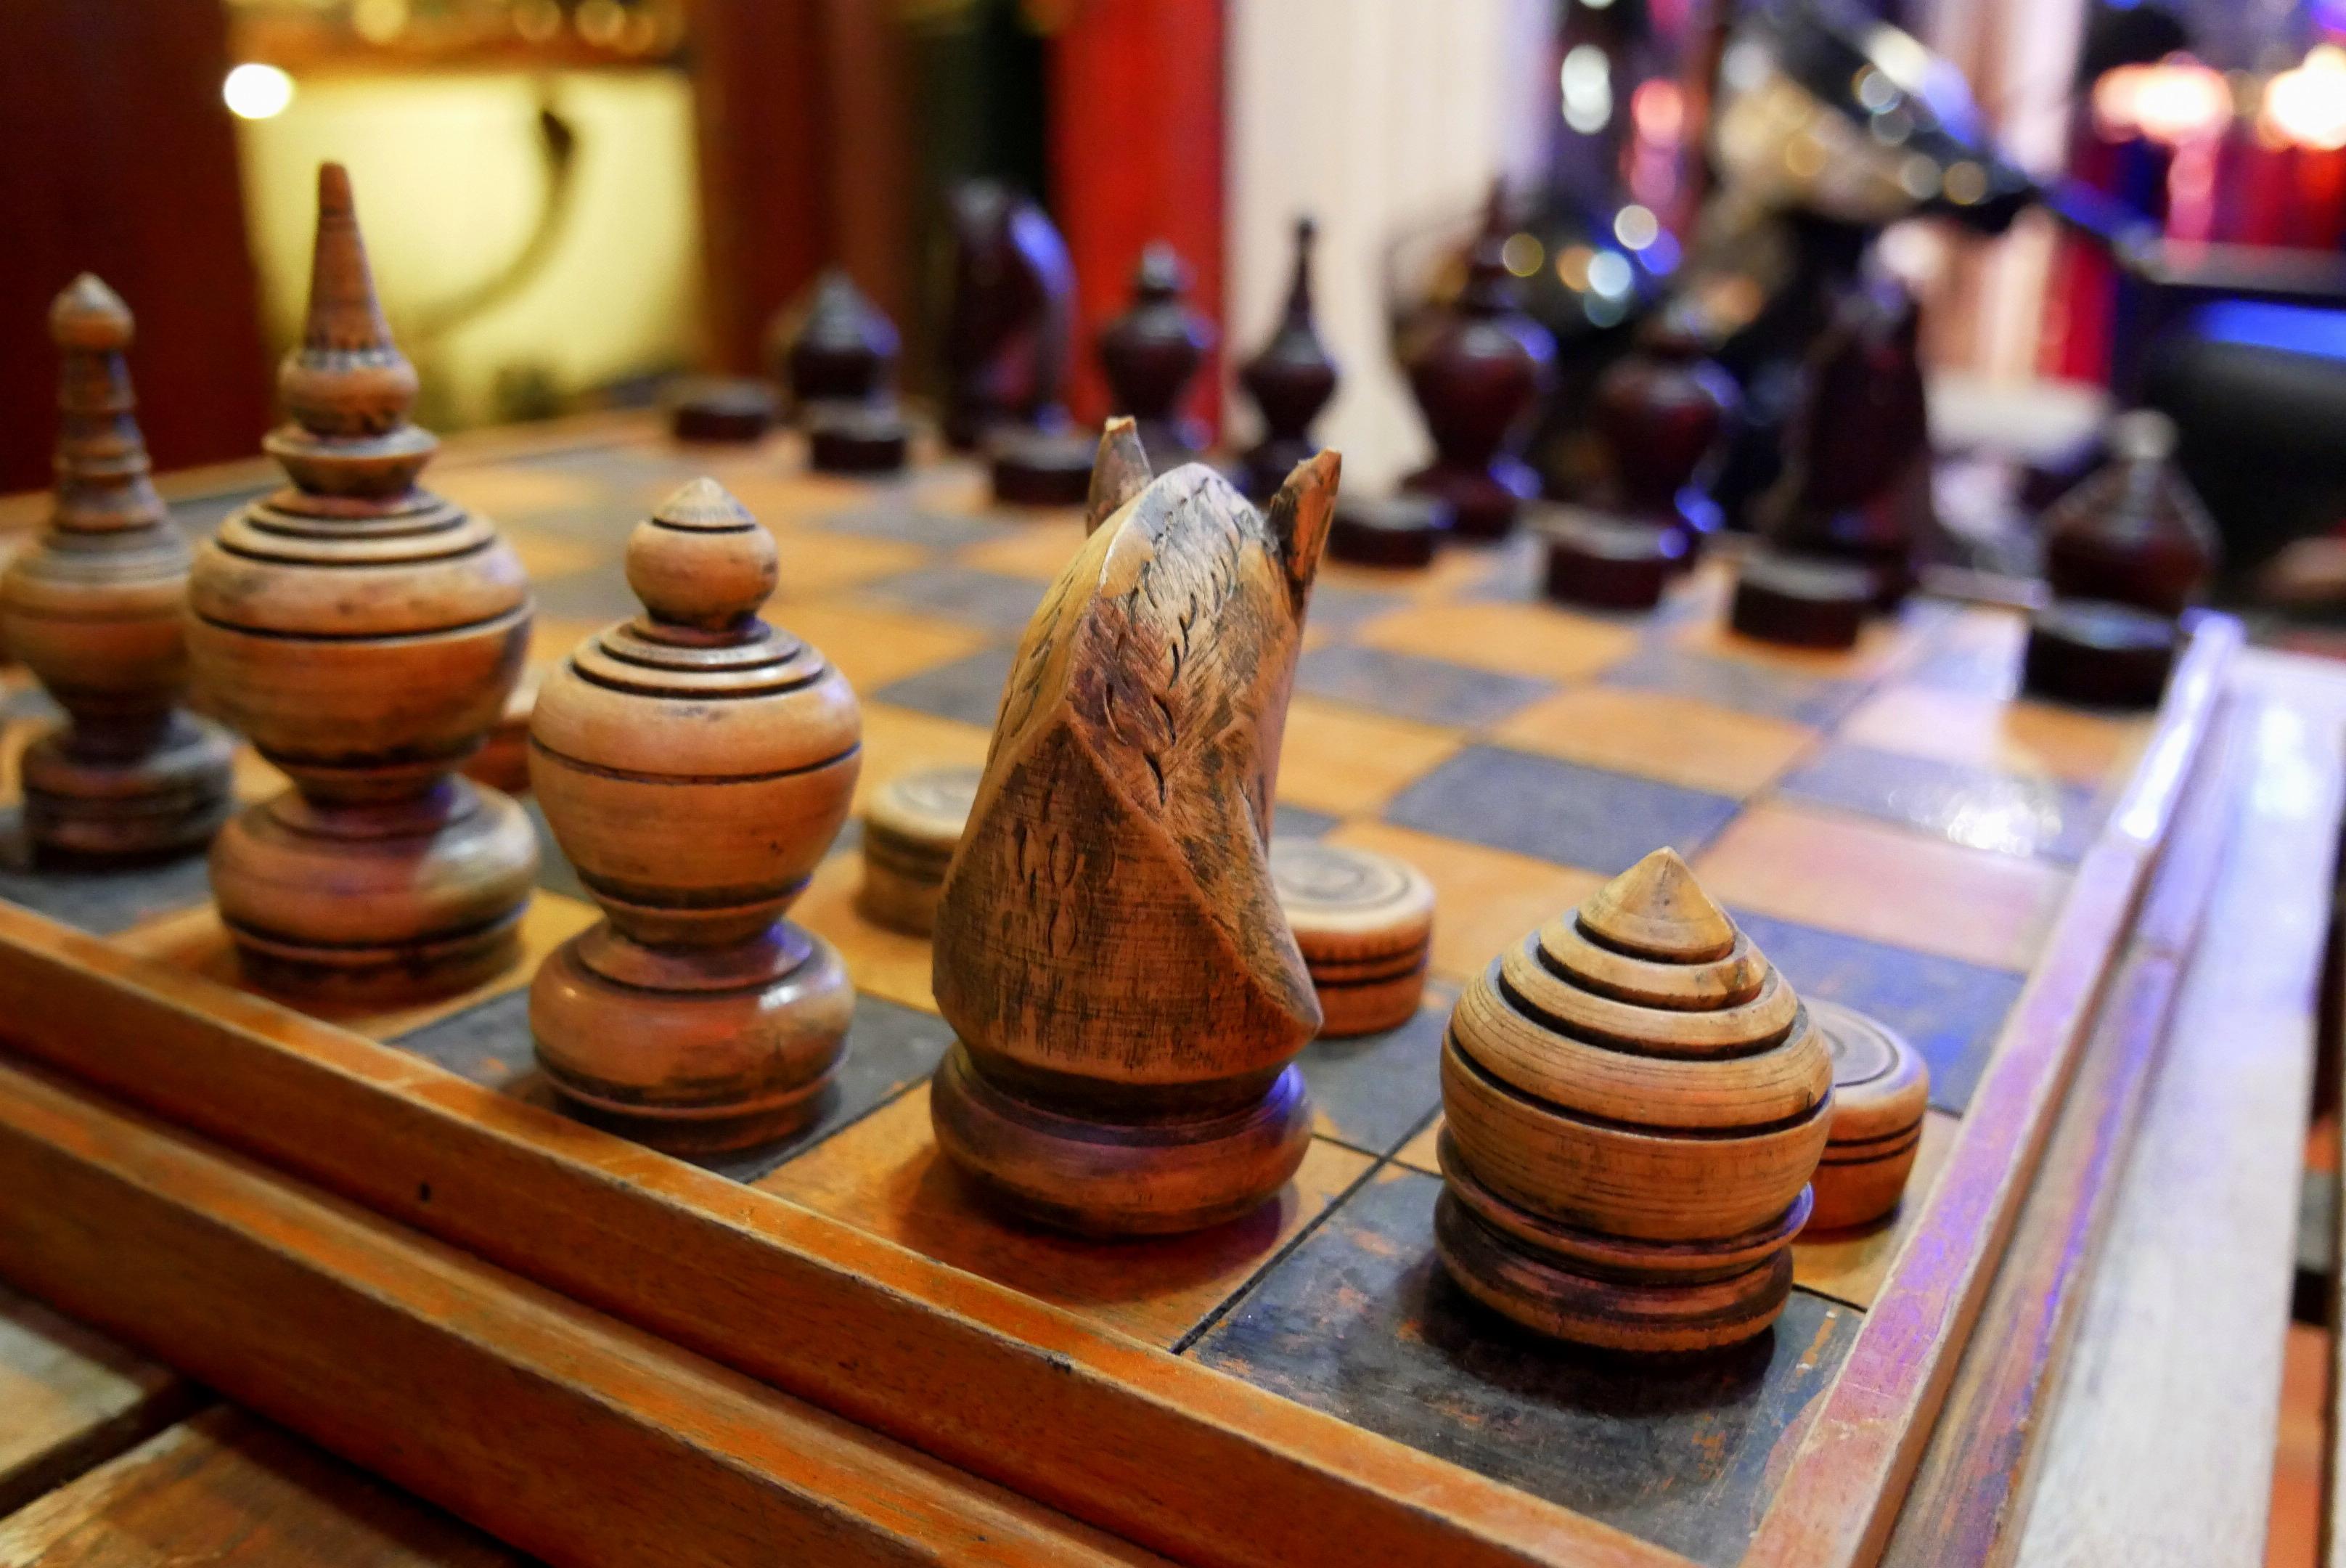 Jeux d'échec en bois, prise sur un marché de Siem Reap.